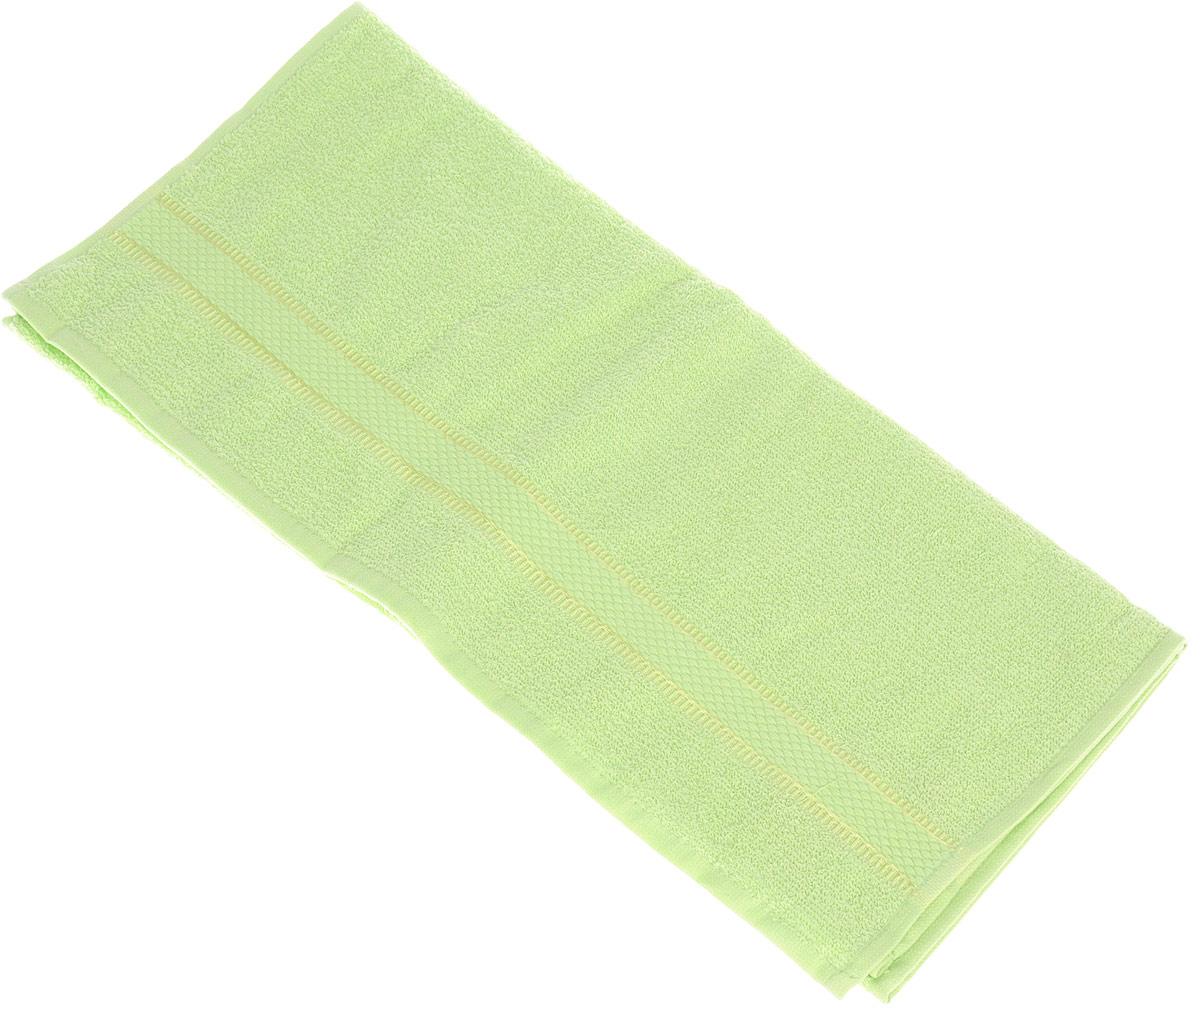 Полотенце Brielle Basic, цвет: зеленый, 50 х 85 см1209Полотенца ТАС Приятно удивляют и дают возможность почувствовать себя творцом окружающего декора. Махровая ткань – официальное название «фроте», народное – «махра». Фроте – это натуральная ткань, поверхность которой состоит из ворса (петель основных нитей). Ворс может быть как одинарным (односторонним), так и двойным (двусторонним).